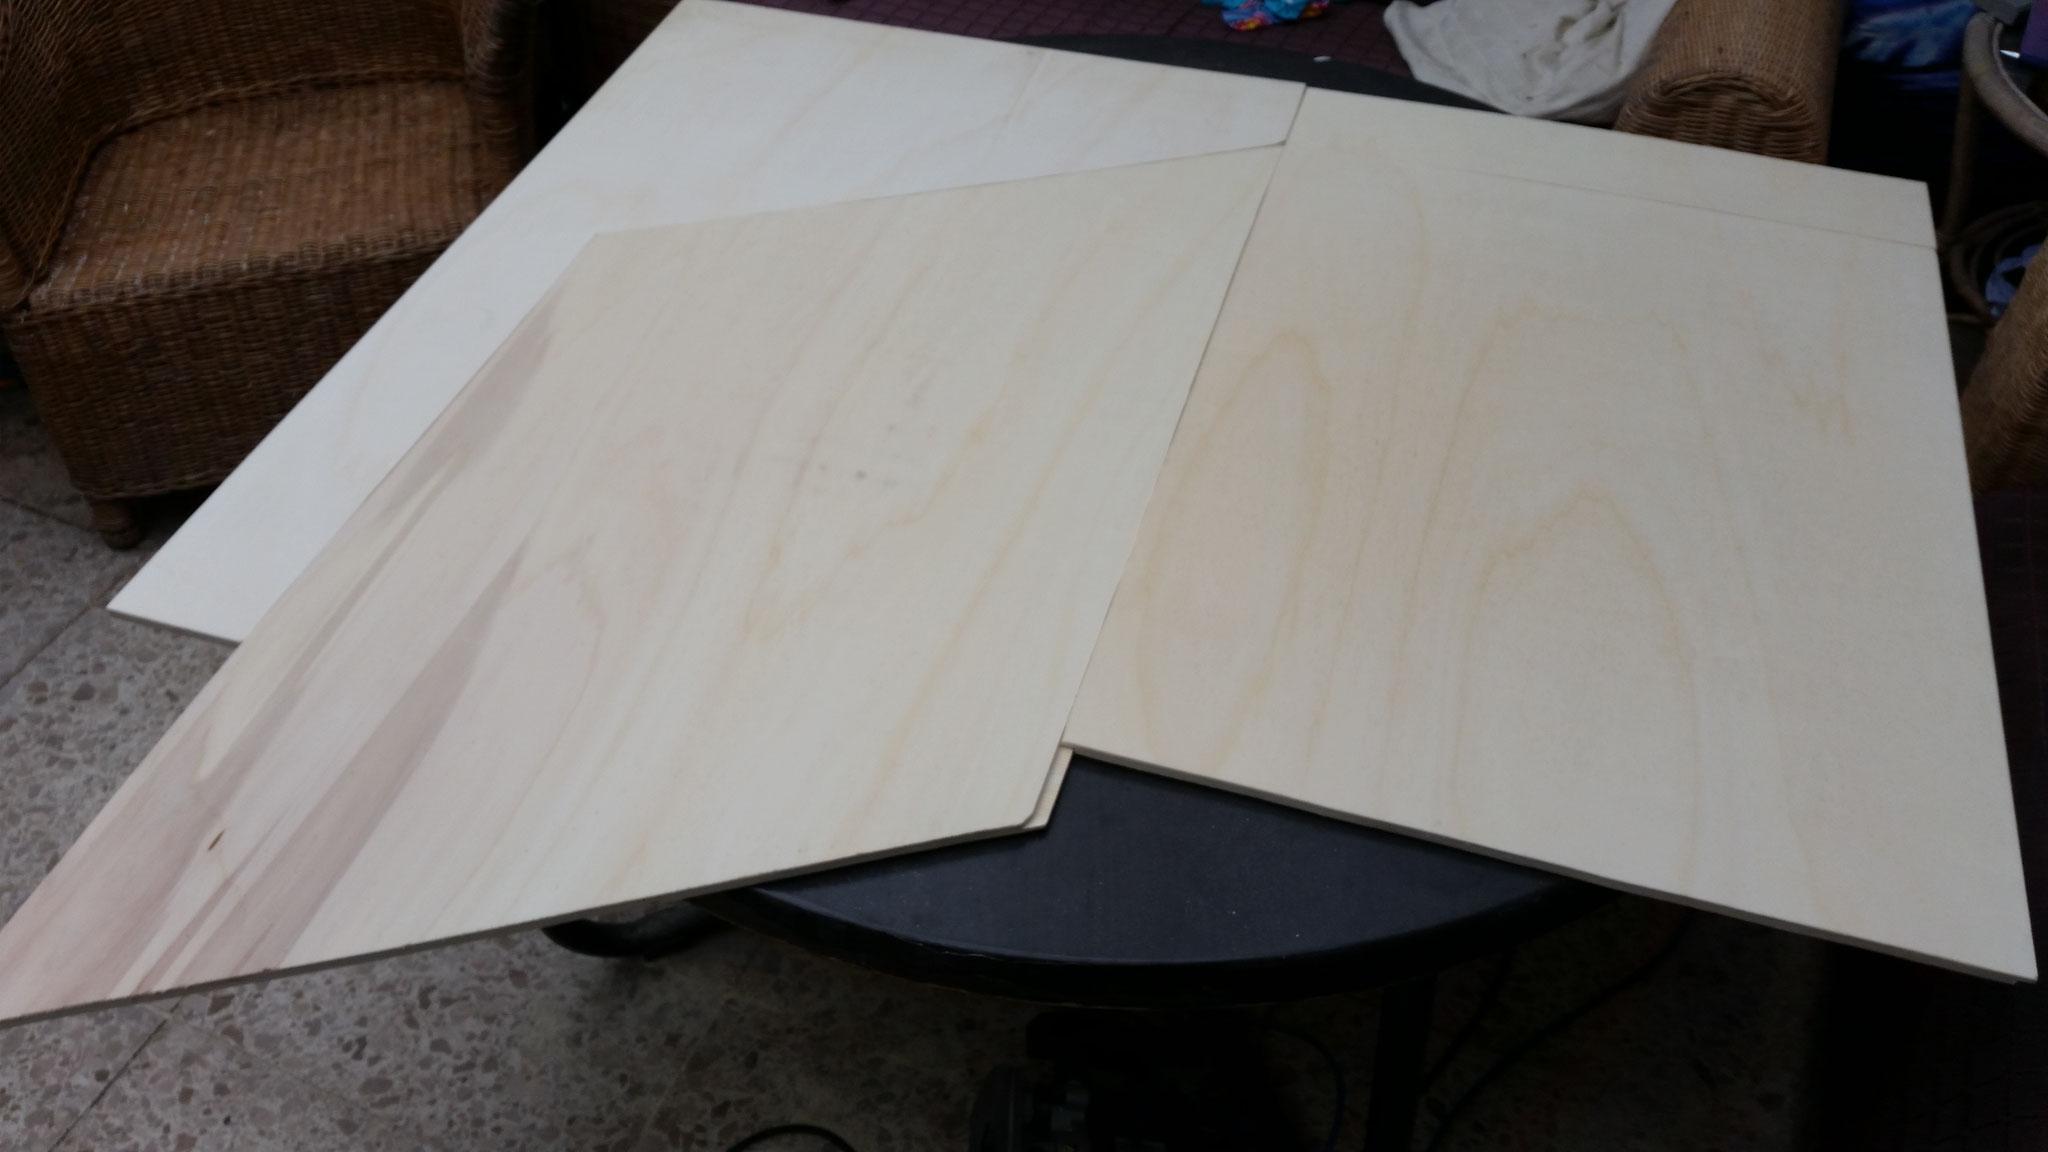 Segmentplatten zugeschnitten und mit der Oberfräse eine Nut gefräst.